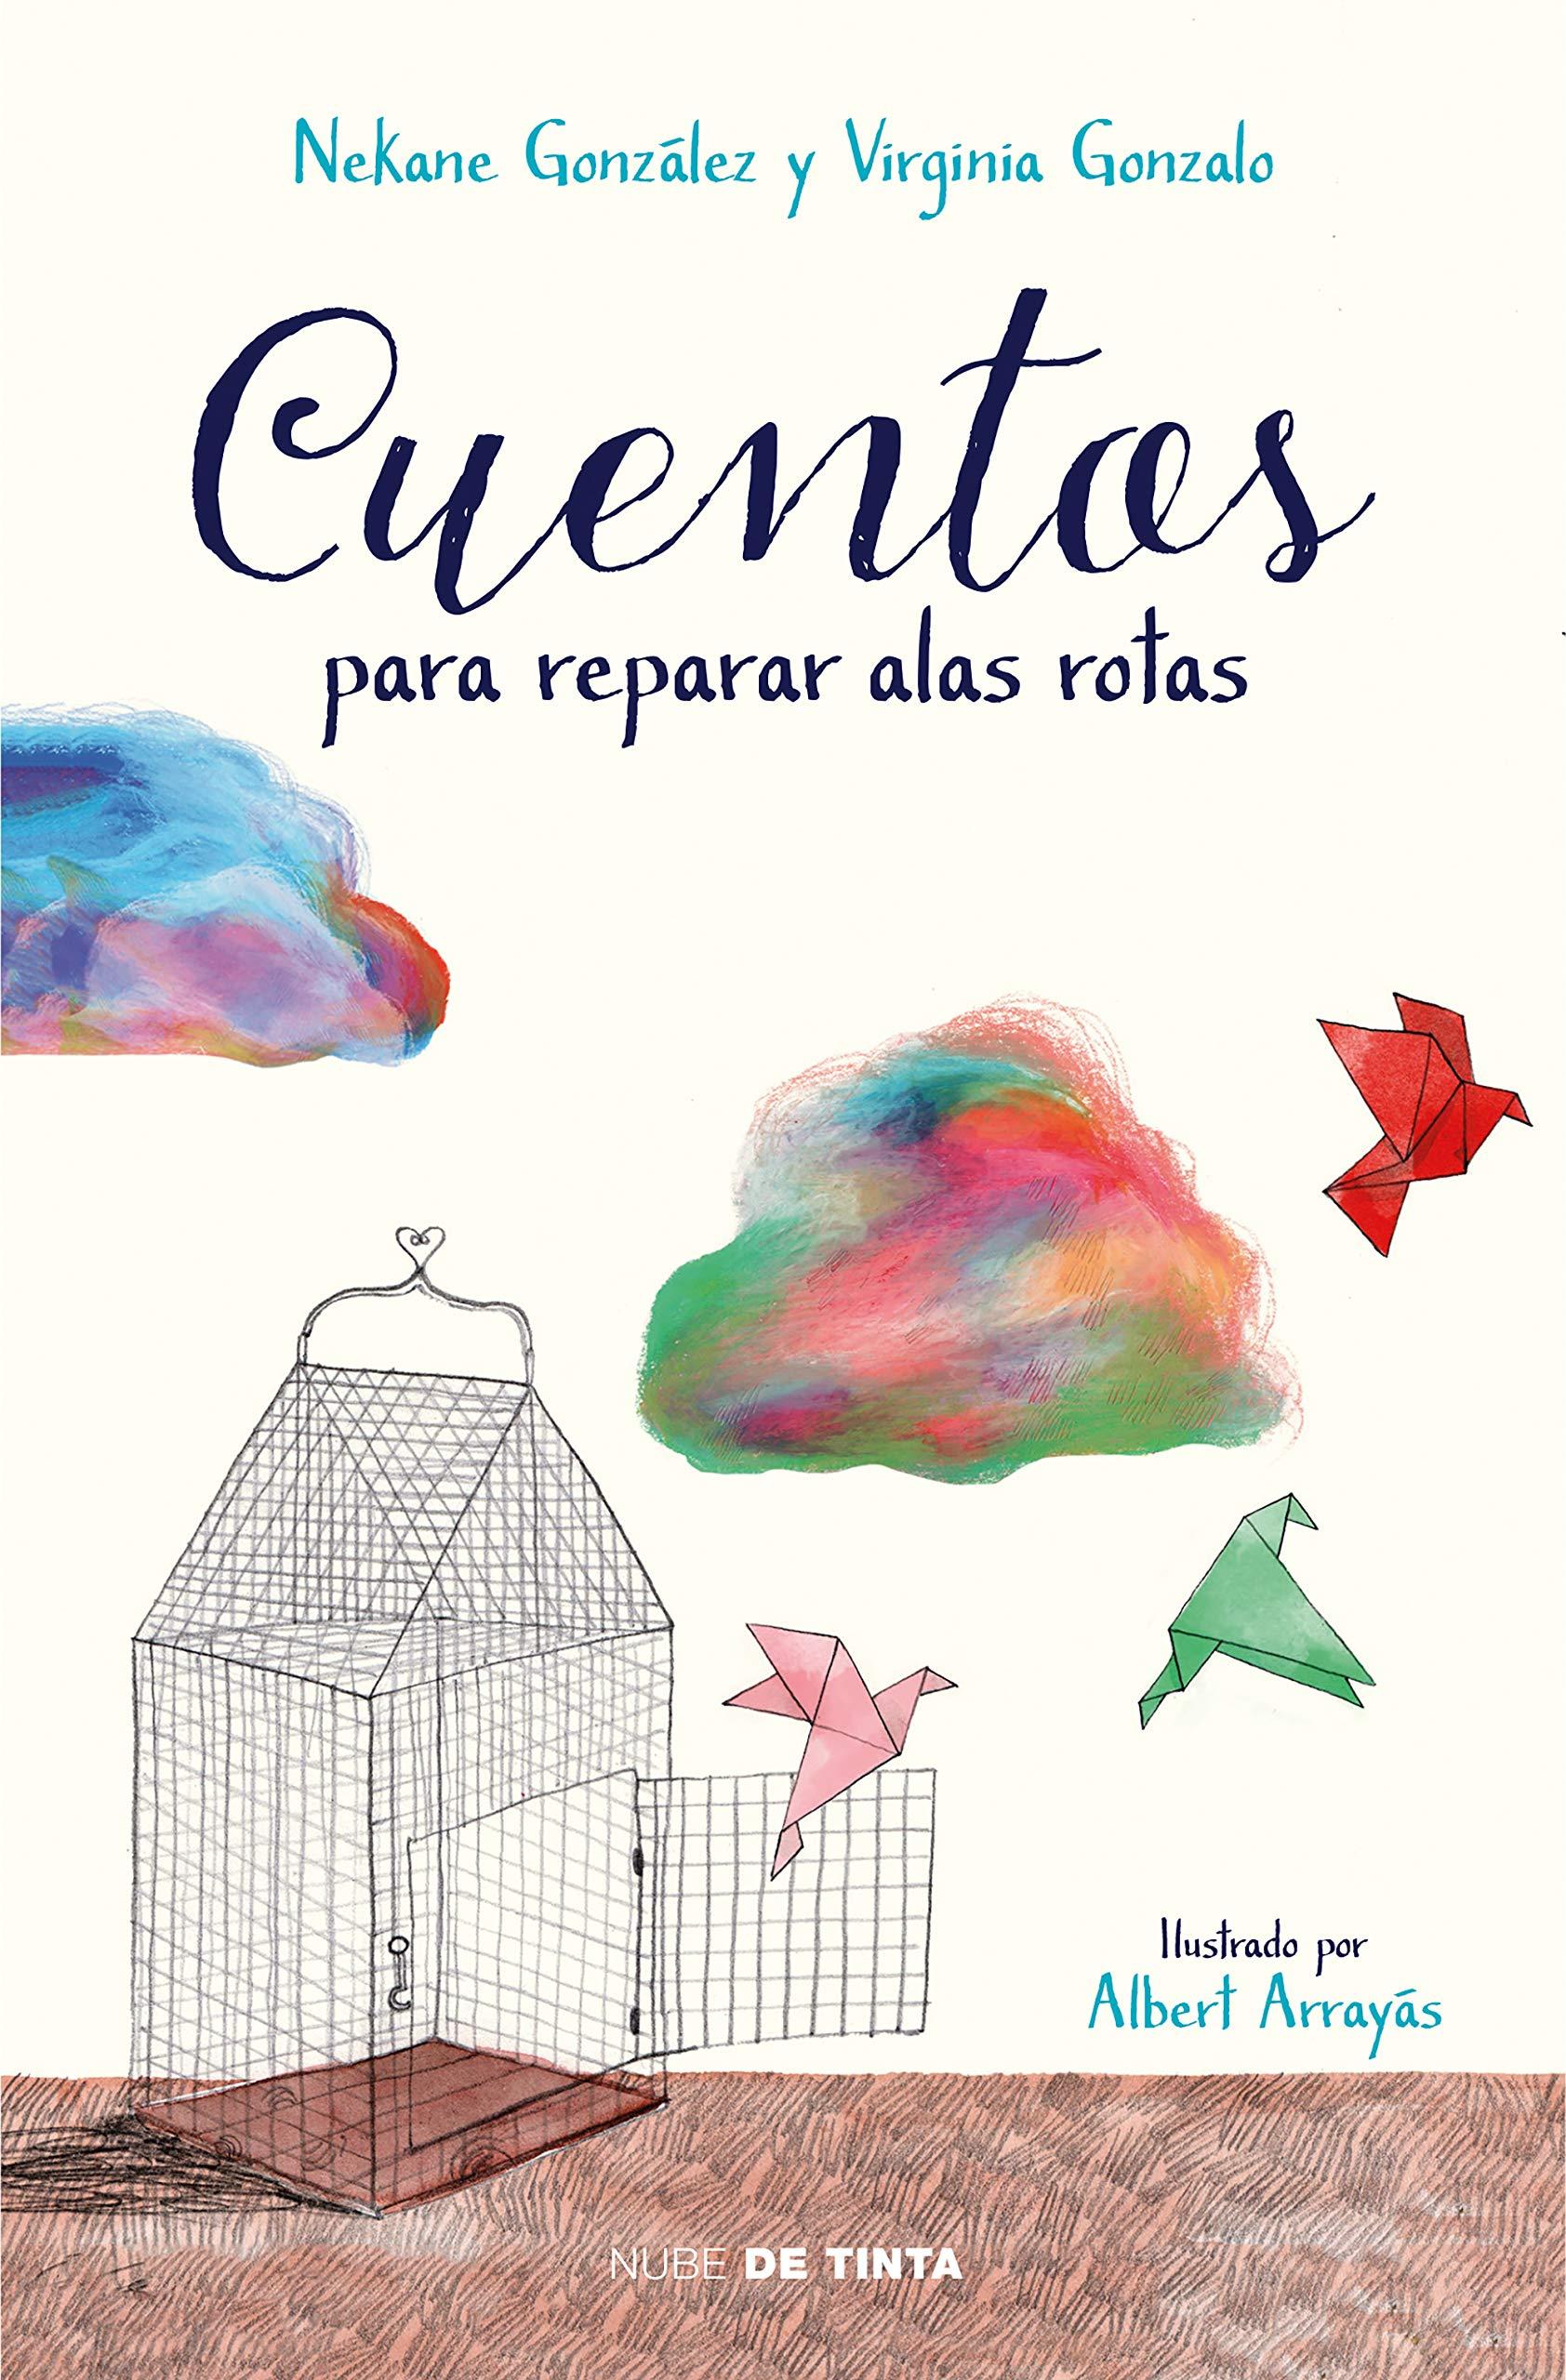 Cuentos para reparar alas rotas (Nube de Tinta): Amazon.es: Nekane  González, Virginia Gonzalo: Libros